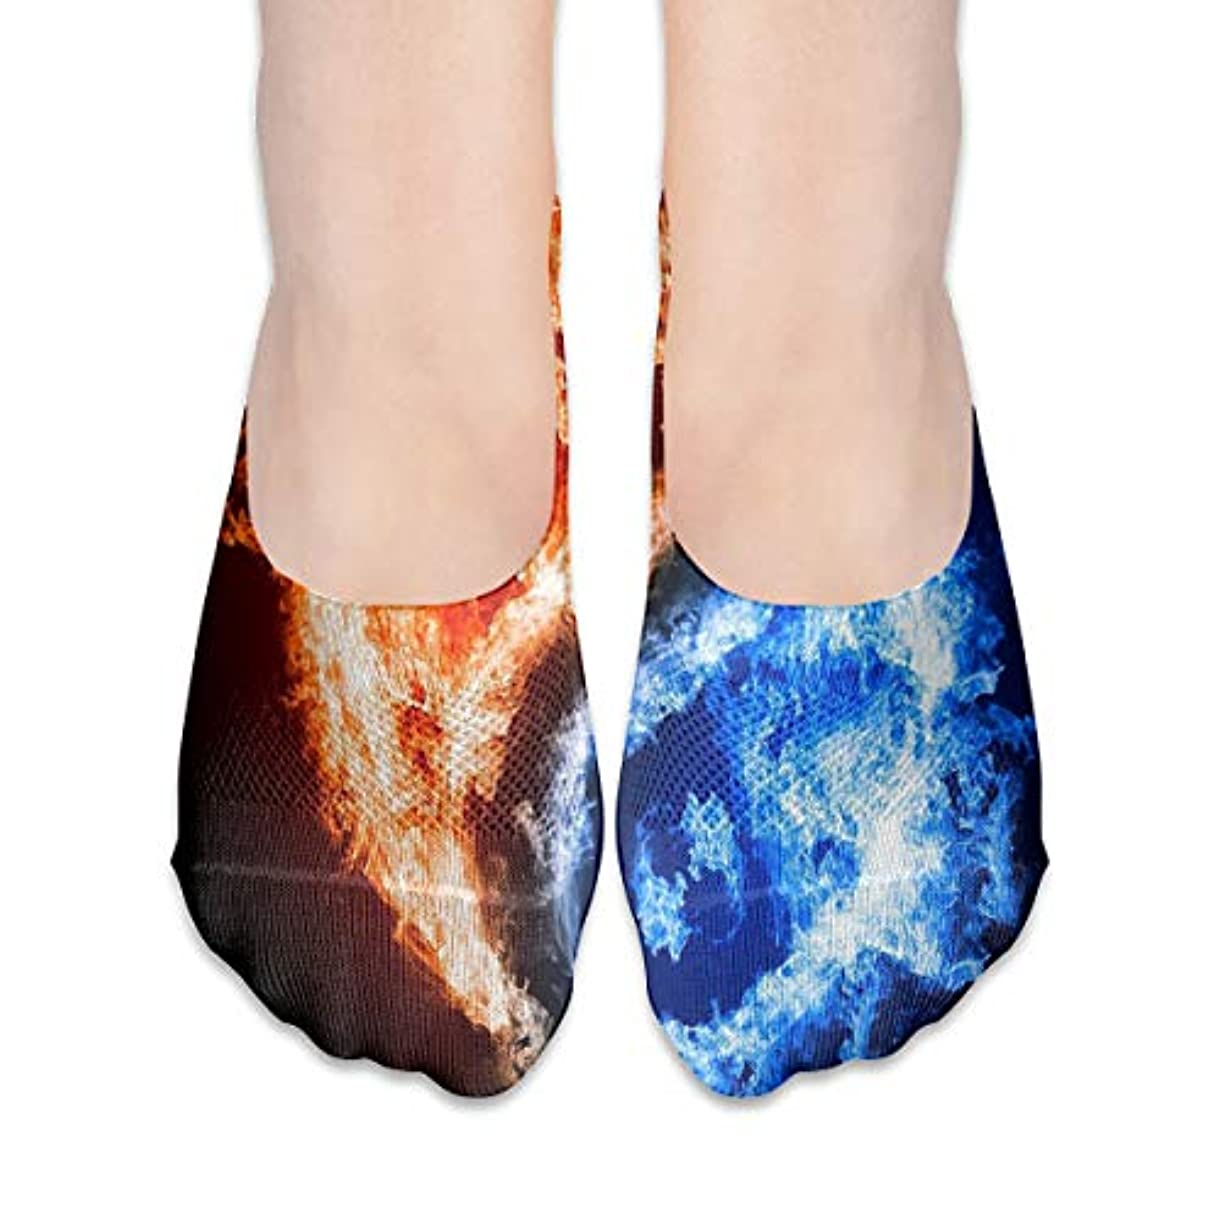 感染する変換する庭園女性のためのショーの靴下はローカットカジュアルソックス滑り止めの氷と火Yinyangをカットしません